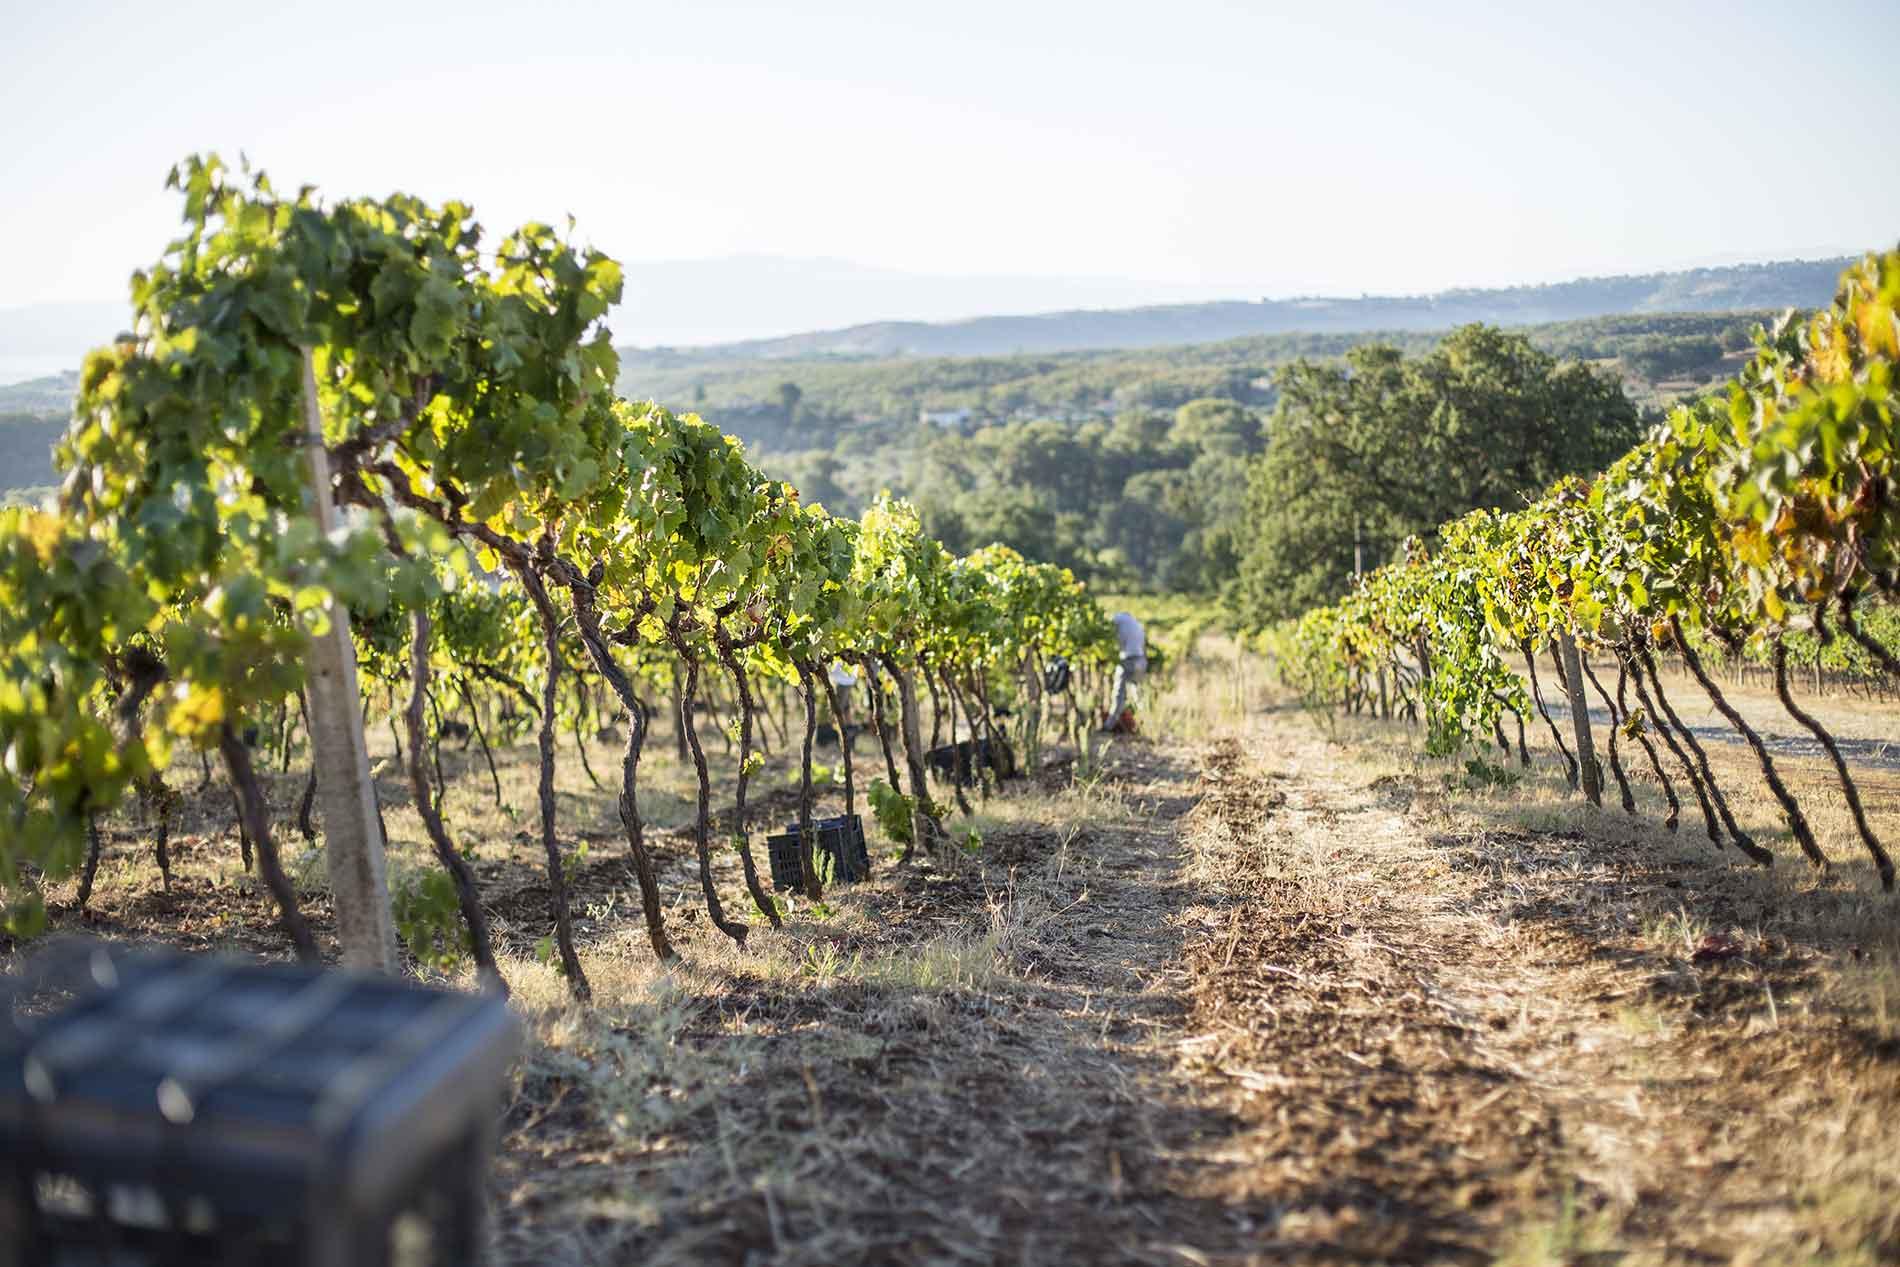 Vigneti Azienda Agricola Davide Morrone - Vino Stragolia